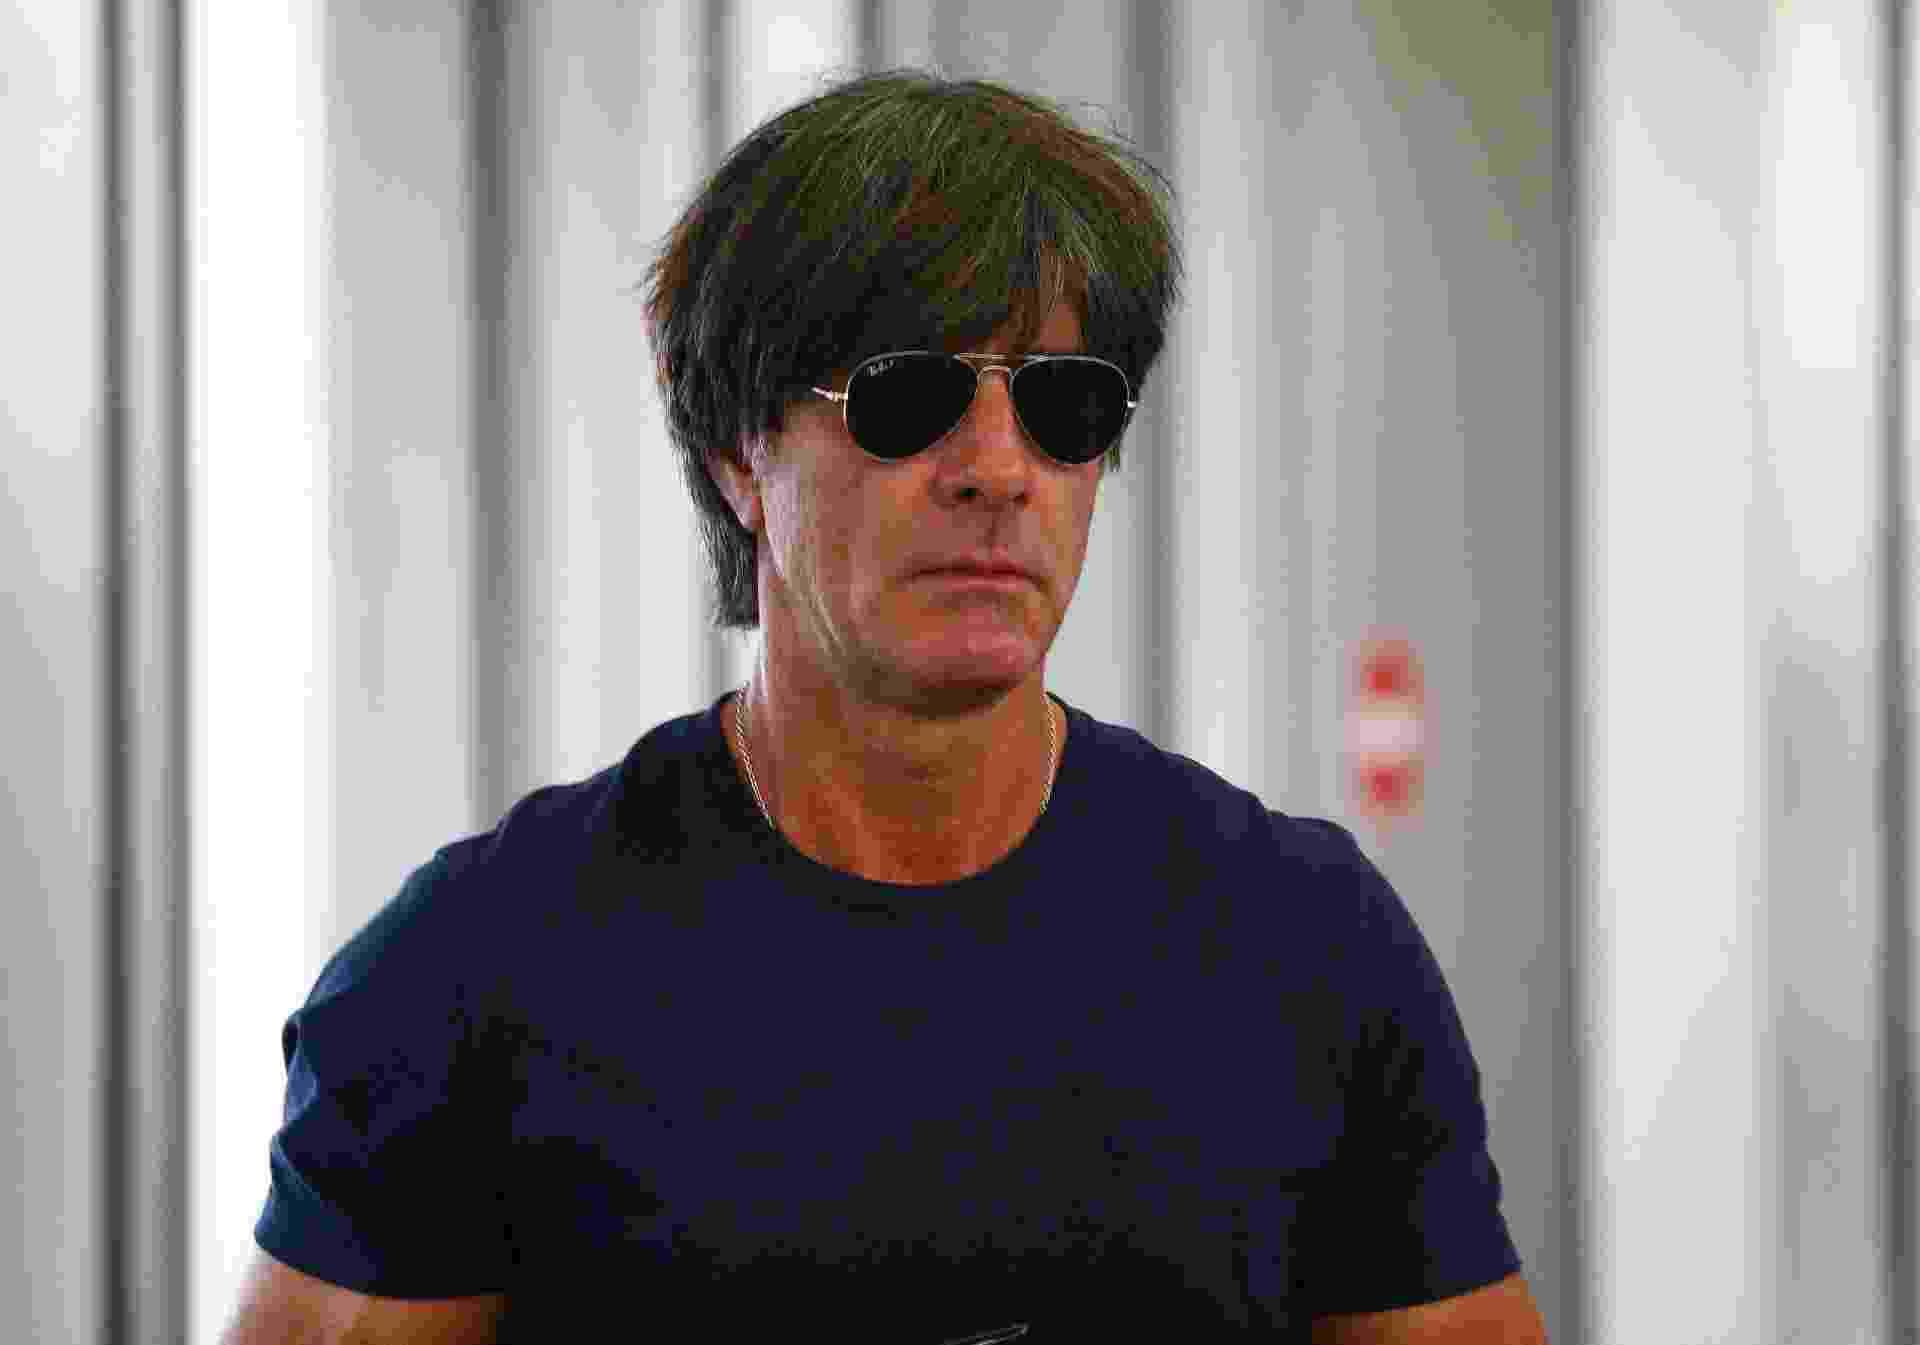 Joachim Löw usou óculos escuros no aeroporto antes do embarque da Alemanha - REUTERS/Gleb Garanich